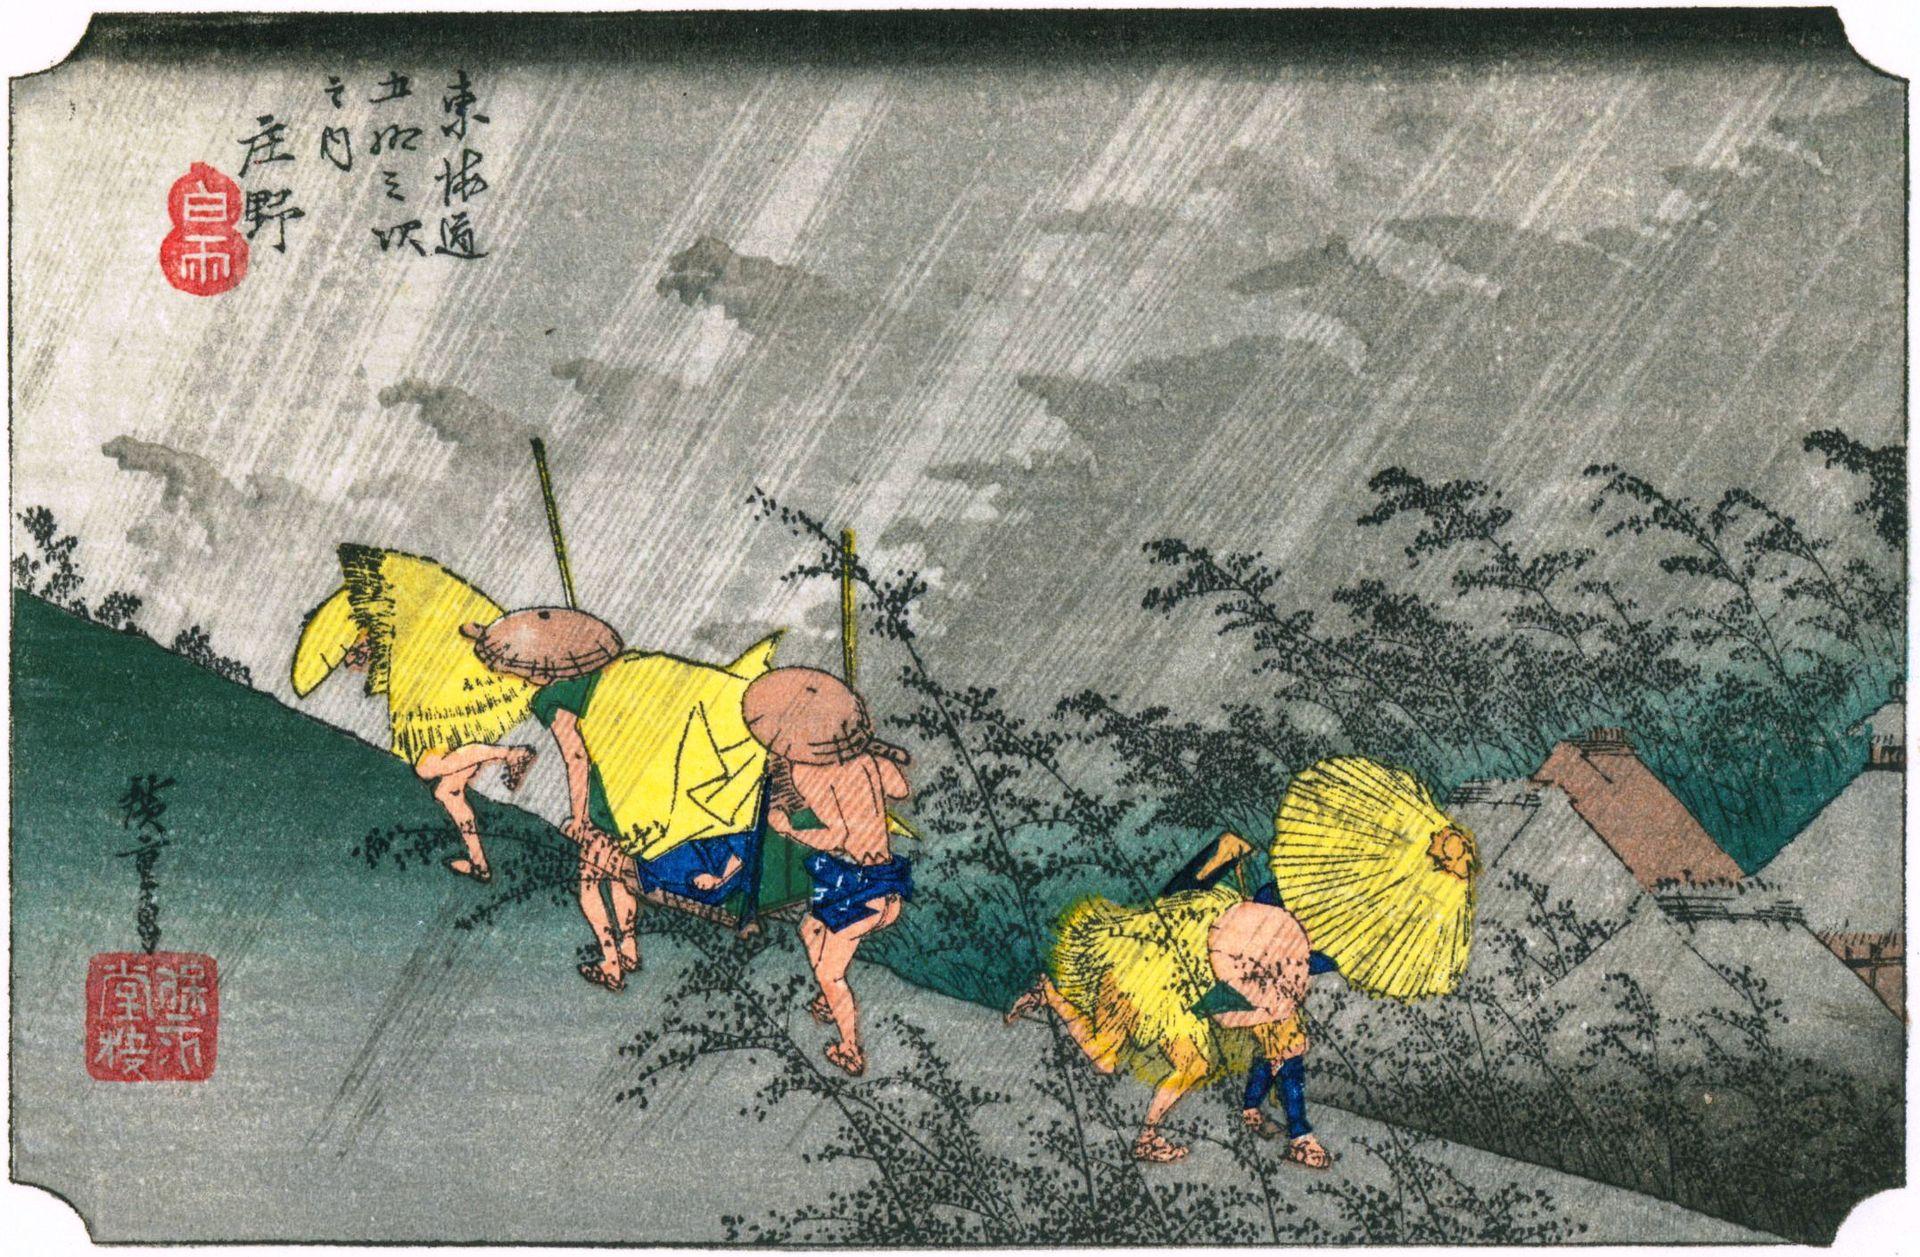 Shōno-juku